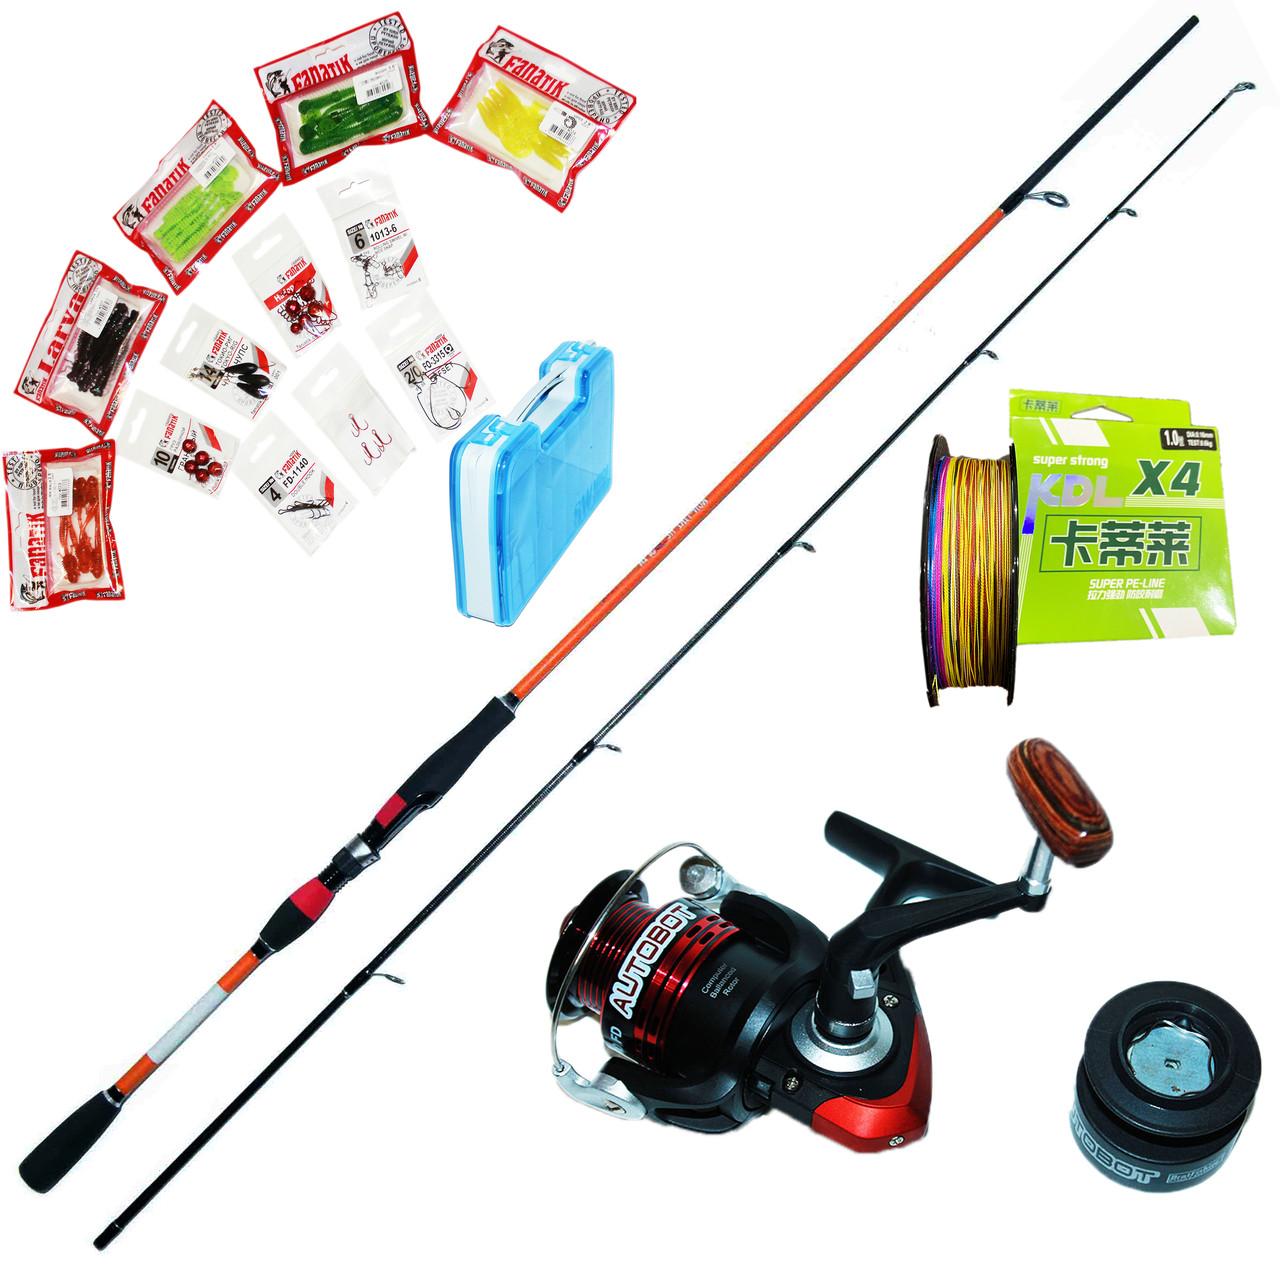 Спінінг Набір FANATIK для лову хижої риби /щука, судак, окунь/ 2.1 м.